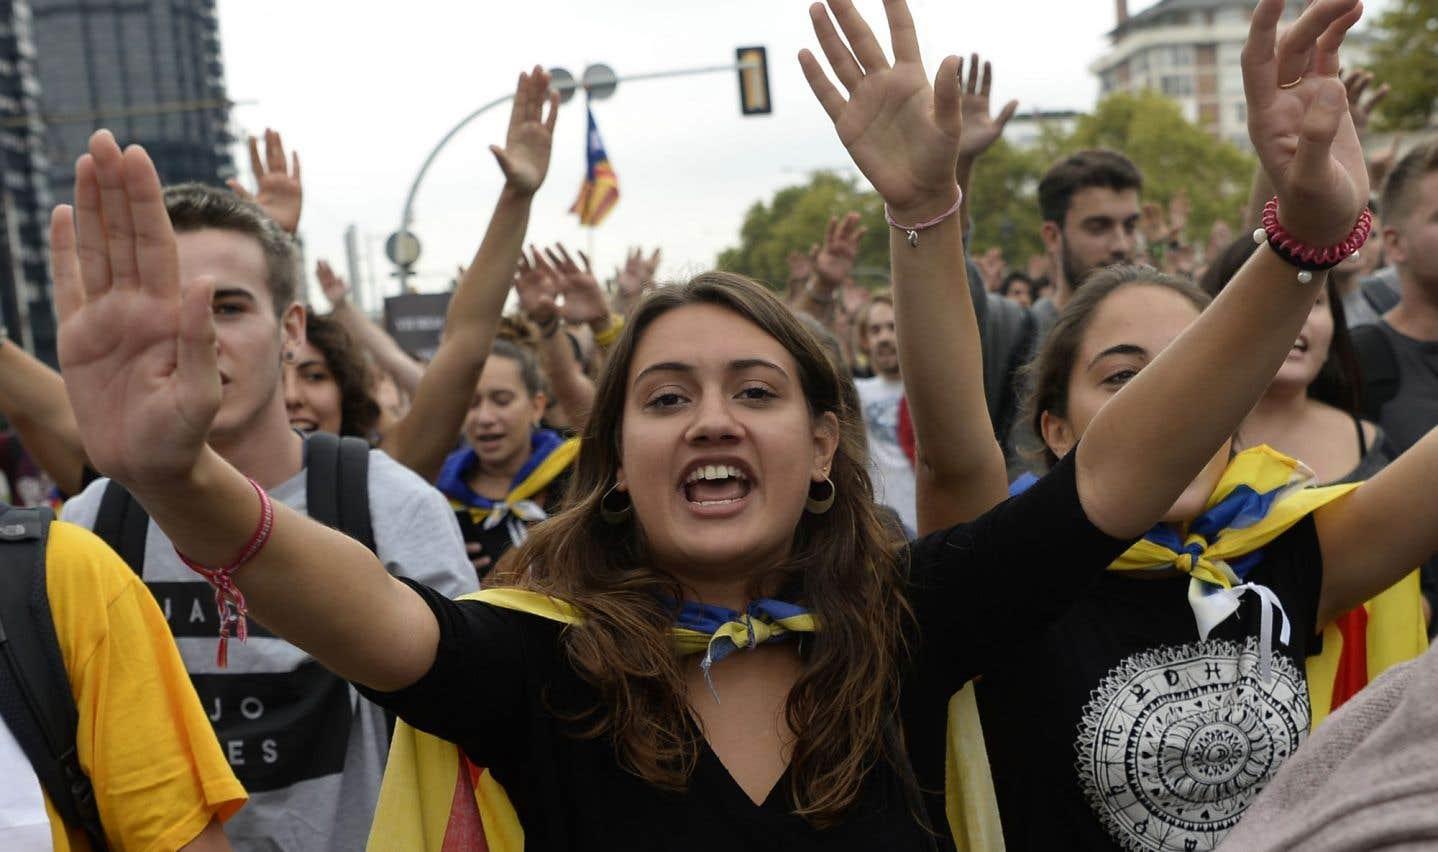 Certains étaient drapés dans l'estelada, le drapeau devenu le symbole des partisans du «oui».